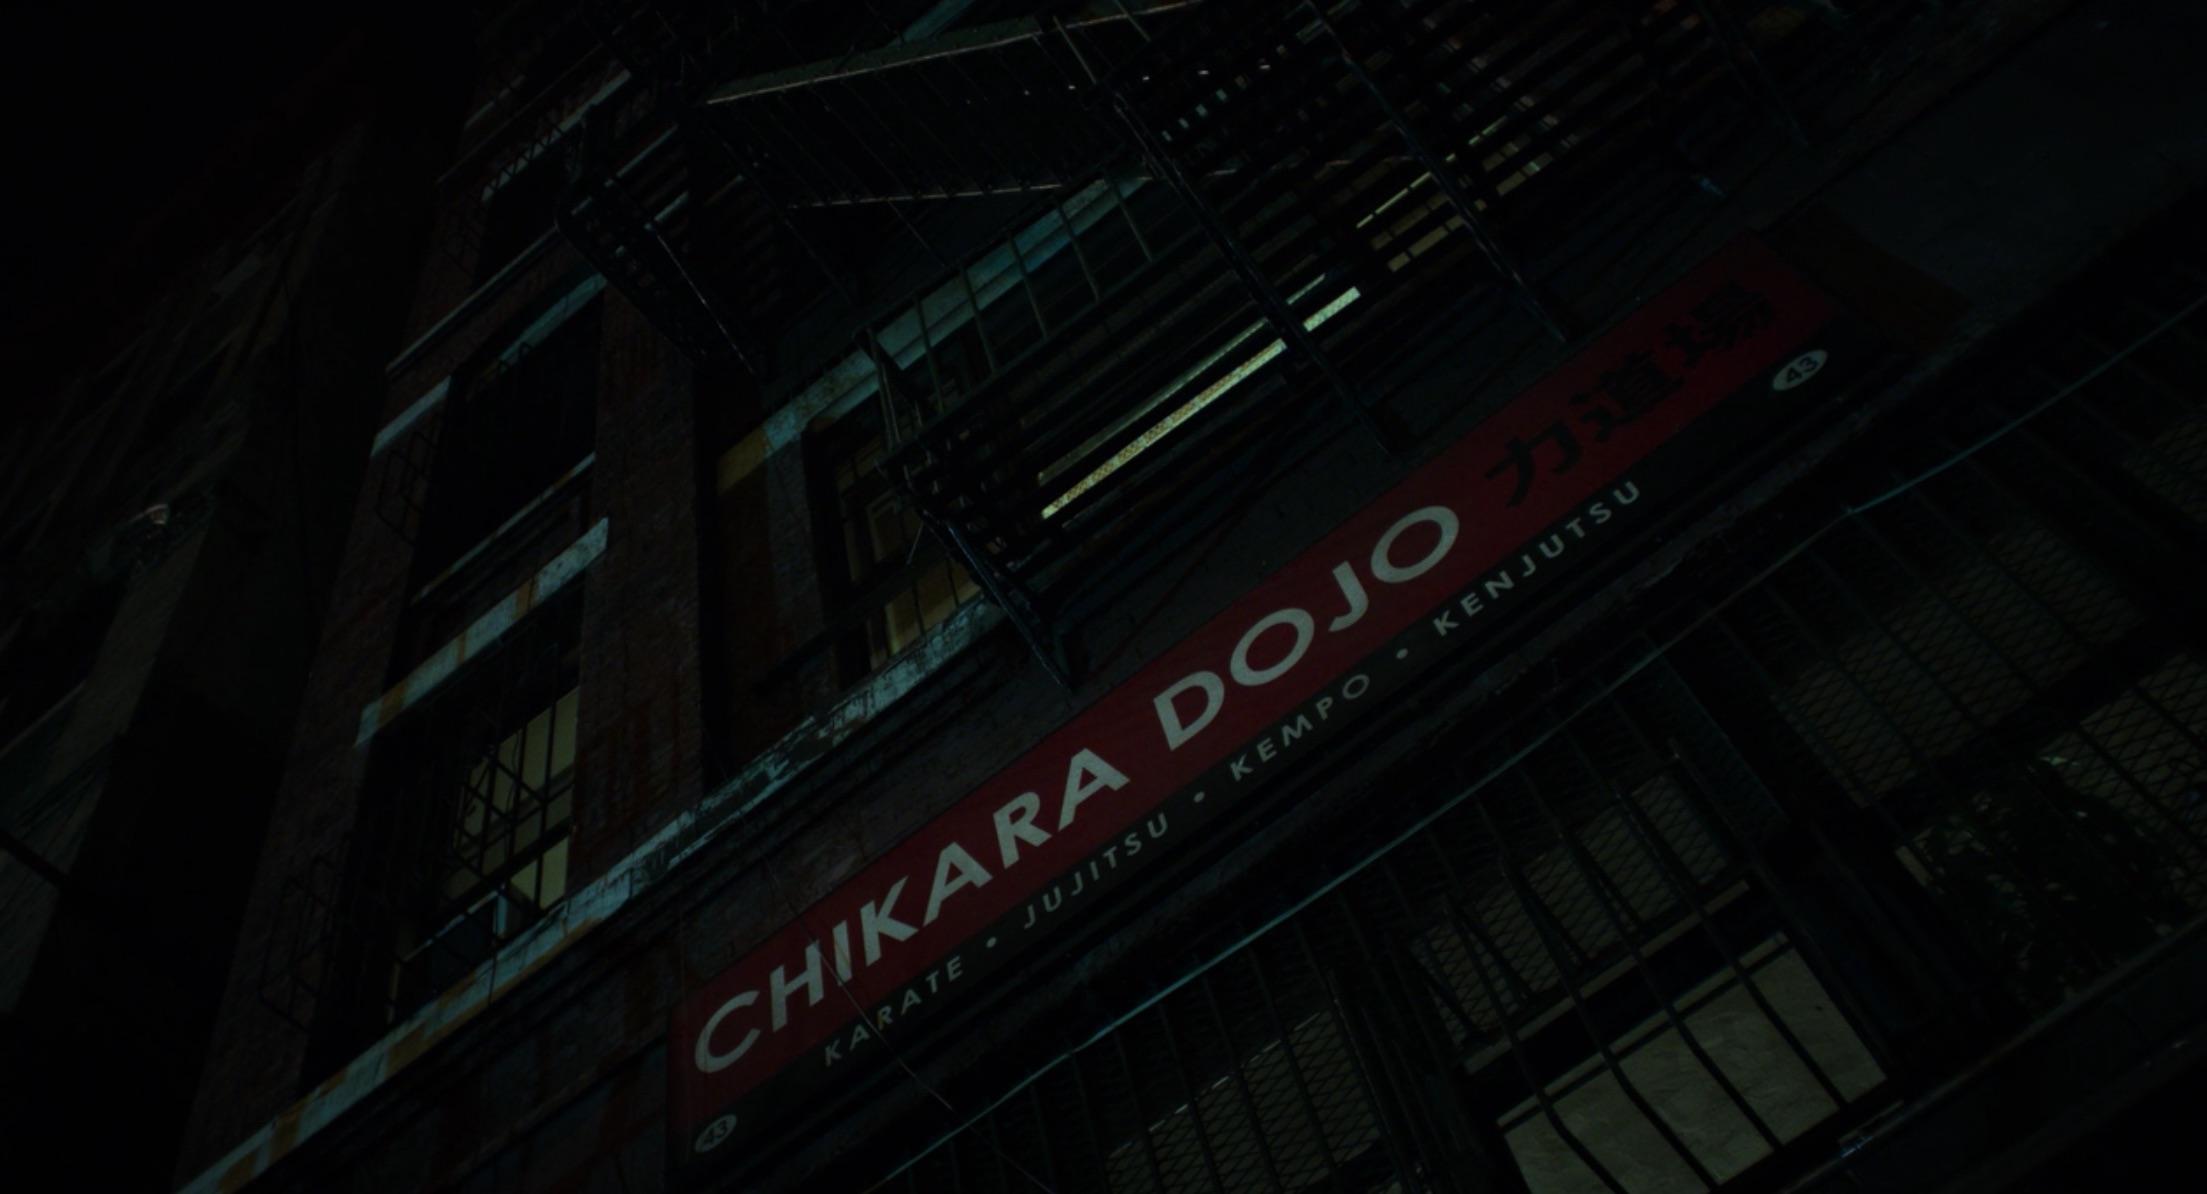 Chikara Dojo from Marvel's Iron Fist Season 1 3 001.jpg